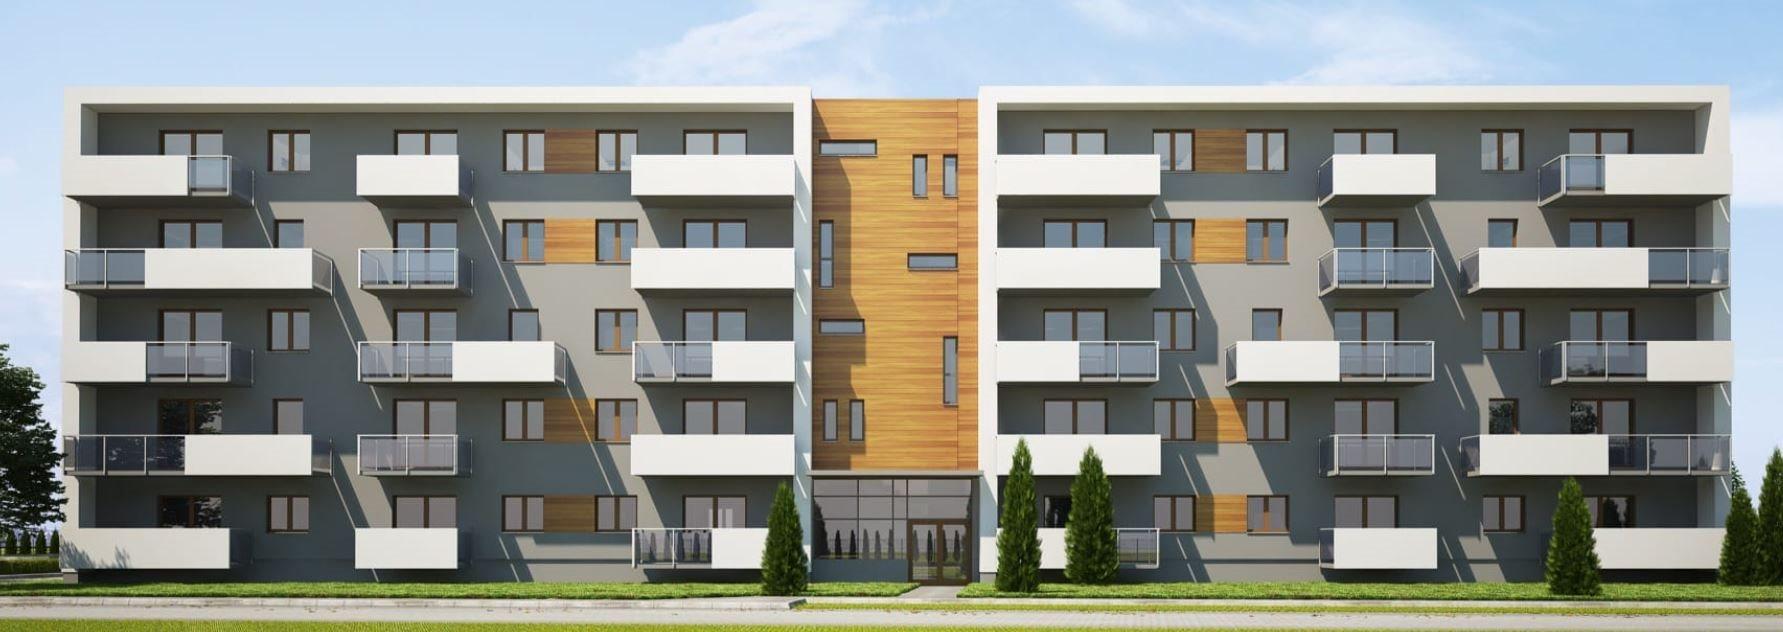 Mieszkanie trzypokojowe na sprzedaż Poznań, Jeżyce, Podolany, Jasielska  49m2 Foto 2